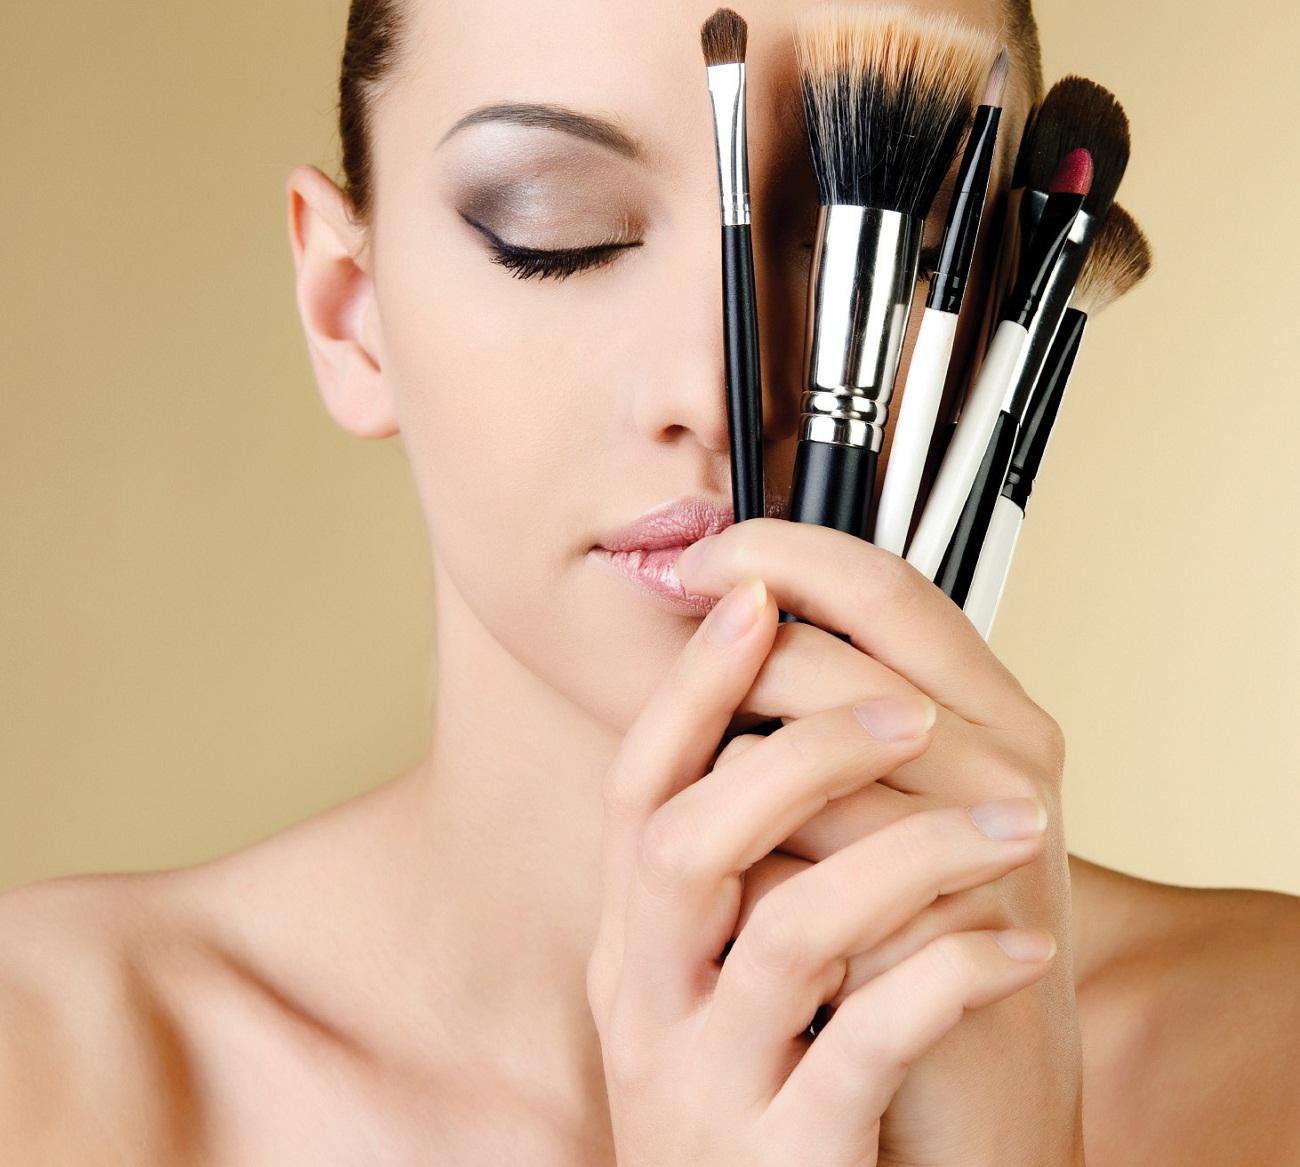 Come correggere gli errori di make-up giornaliero